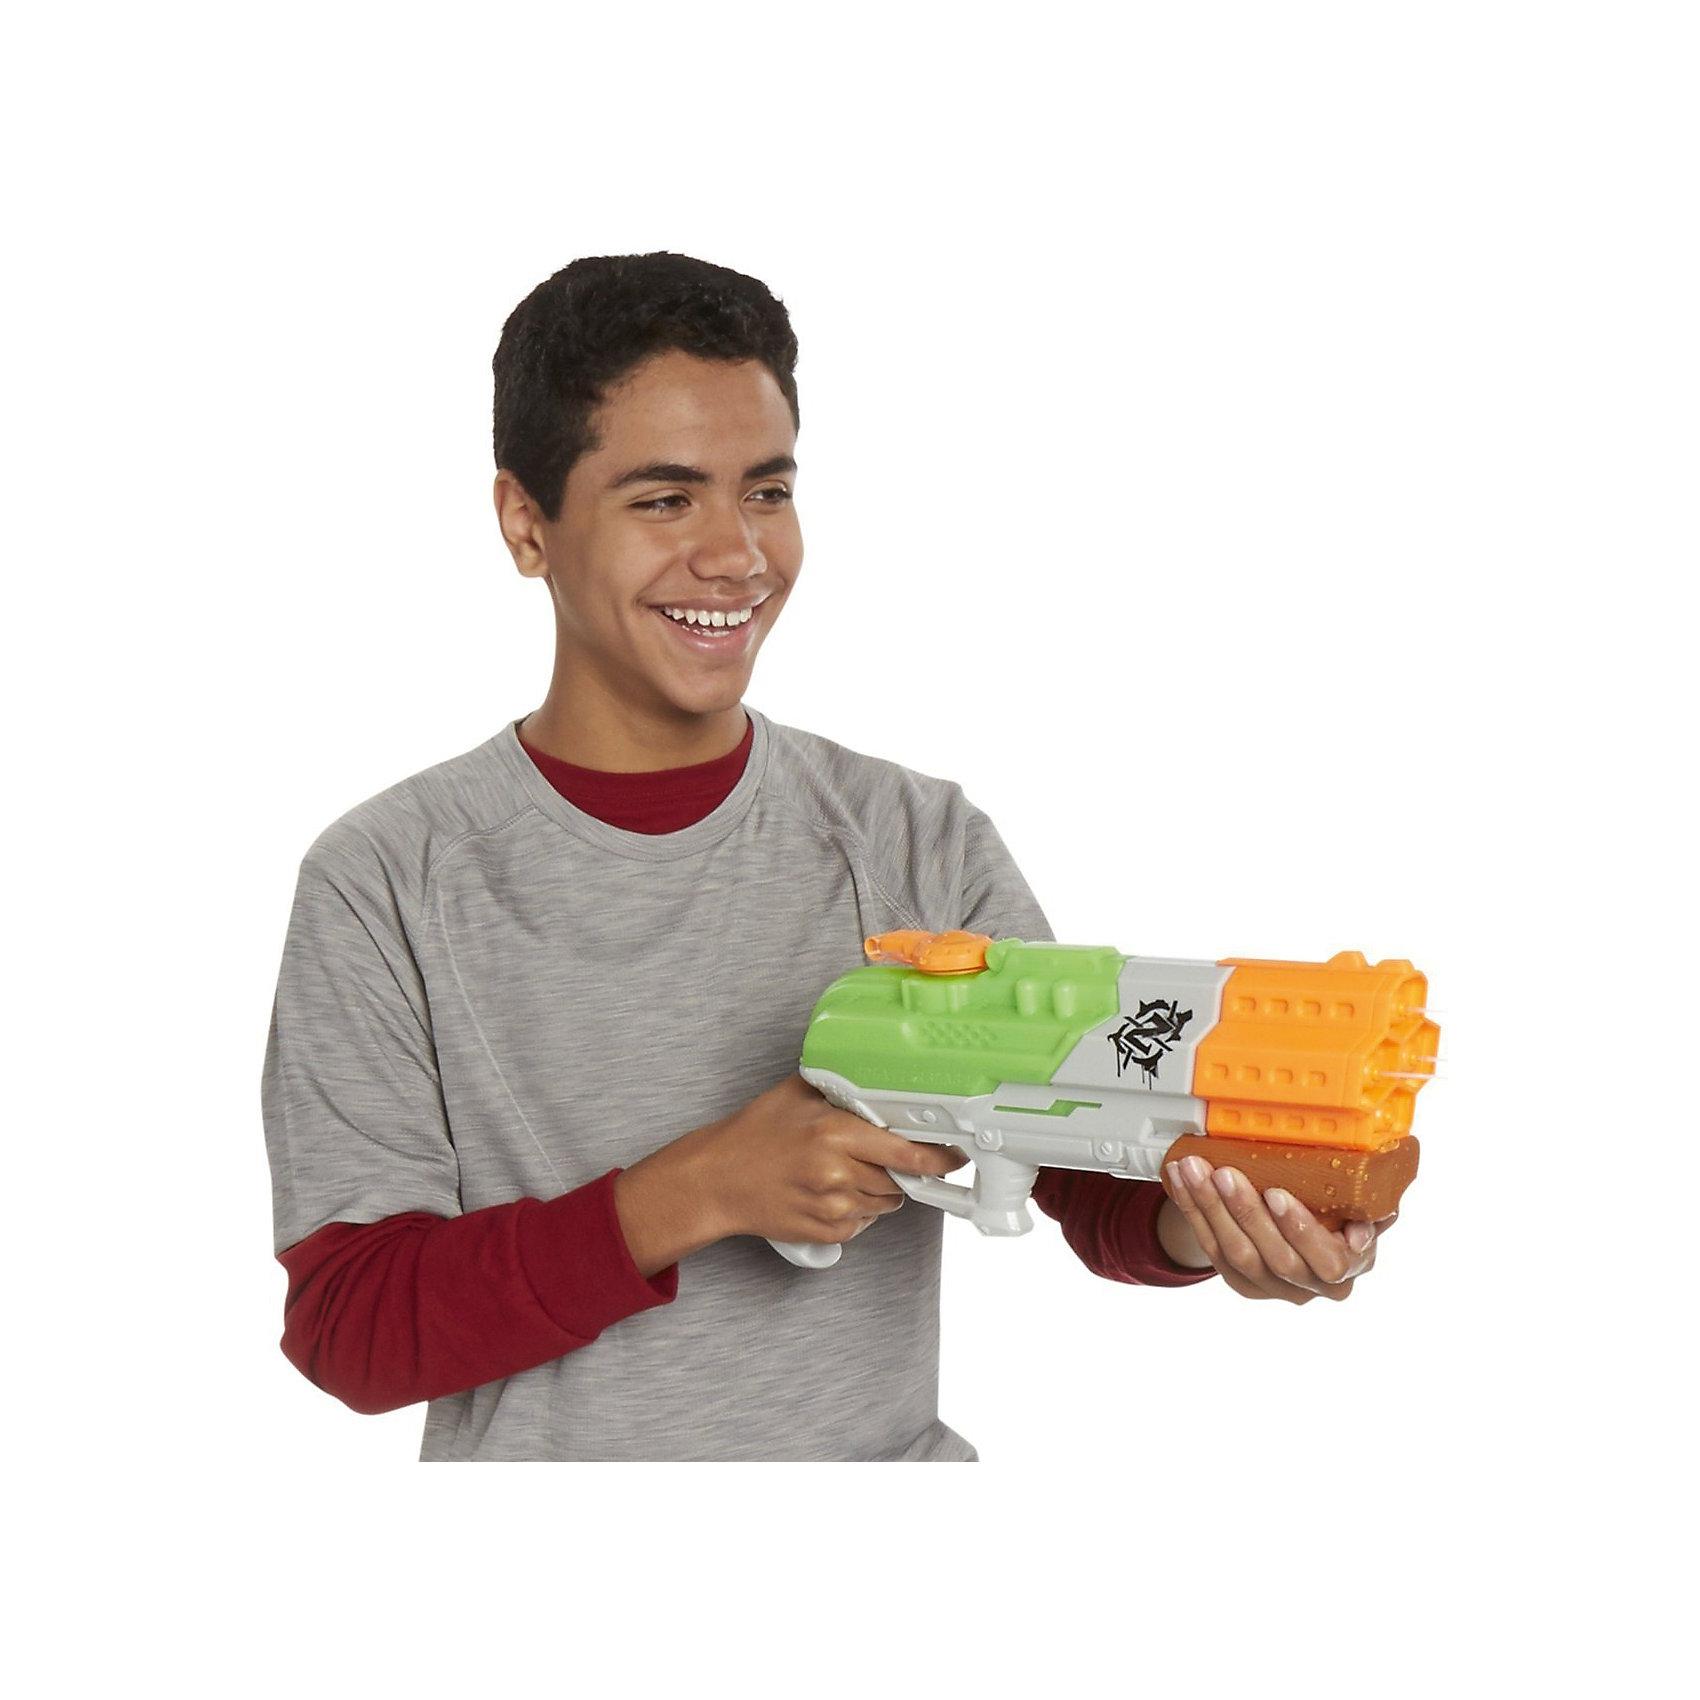 Водяной бластер Супер Соакер Скаттербласт, NerfБластеры, пистолеты и прочее<br>Водяной бластер Супер Соакер (Super Soaker) Скаттербласт (Splatterblast), Nerf, станет отличным развлечением в жаркие летние дни. Бластер выполнен в ярком стильном дизайне и способен стрелять одновременно всеми 4 струями на расстояние до 9 метров!  Все детали конструкции качественные, прочные и долговечные. Оружие-водомет имеет небольшой вес и удобно располагается в руке, вмещает большое количество воды, перезаряжается при помощи ручной помпы. Перед началом игры заполните резервуар водой и начинайте стрелять! При нажатии на курок автомат выстреливает струями воды, резервуар для воды при этом подсвечивается. Юные любители пострелять могут устраивать настоящие водные сражения, бесконечно наполняя резервуар водой и поливая друг друга. Игры с водяным оружием не только увлекательны, но и безопасны для ребёнка, развивают глазомер, точность, меткость и ловкость.<br><br>Дополнительная информация:<br><br>- Материал: пластик.<br>- Требуются батарейки: 3 х AAA.<br>- Объем резервуара: 30 унций (1035 мл.)<br>- Размер упаковки: 48,3 х 8,1 х 26,7 см.<br>- Вес: 0,867 кг.<br> <br>Водяной бластер Супер Соакер Скаттербласт, Nerf, можно купить в нашем интернет-магазине.<br><br>Ширина мм: 82<br>Глубина мм: 480<br>Высота мм: 267<br>Вес г: 867<br>Возраст от месяцев: 72<br>Возраст до месяцев: 192<br>Пол: Мужской<br>Возраст: Детский<br>SKU: 4708243